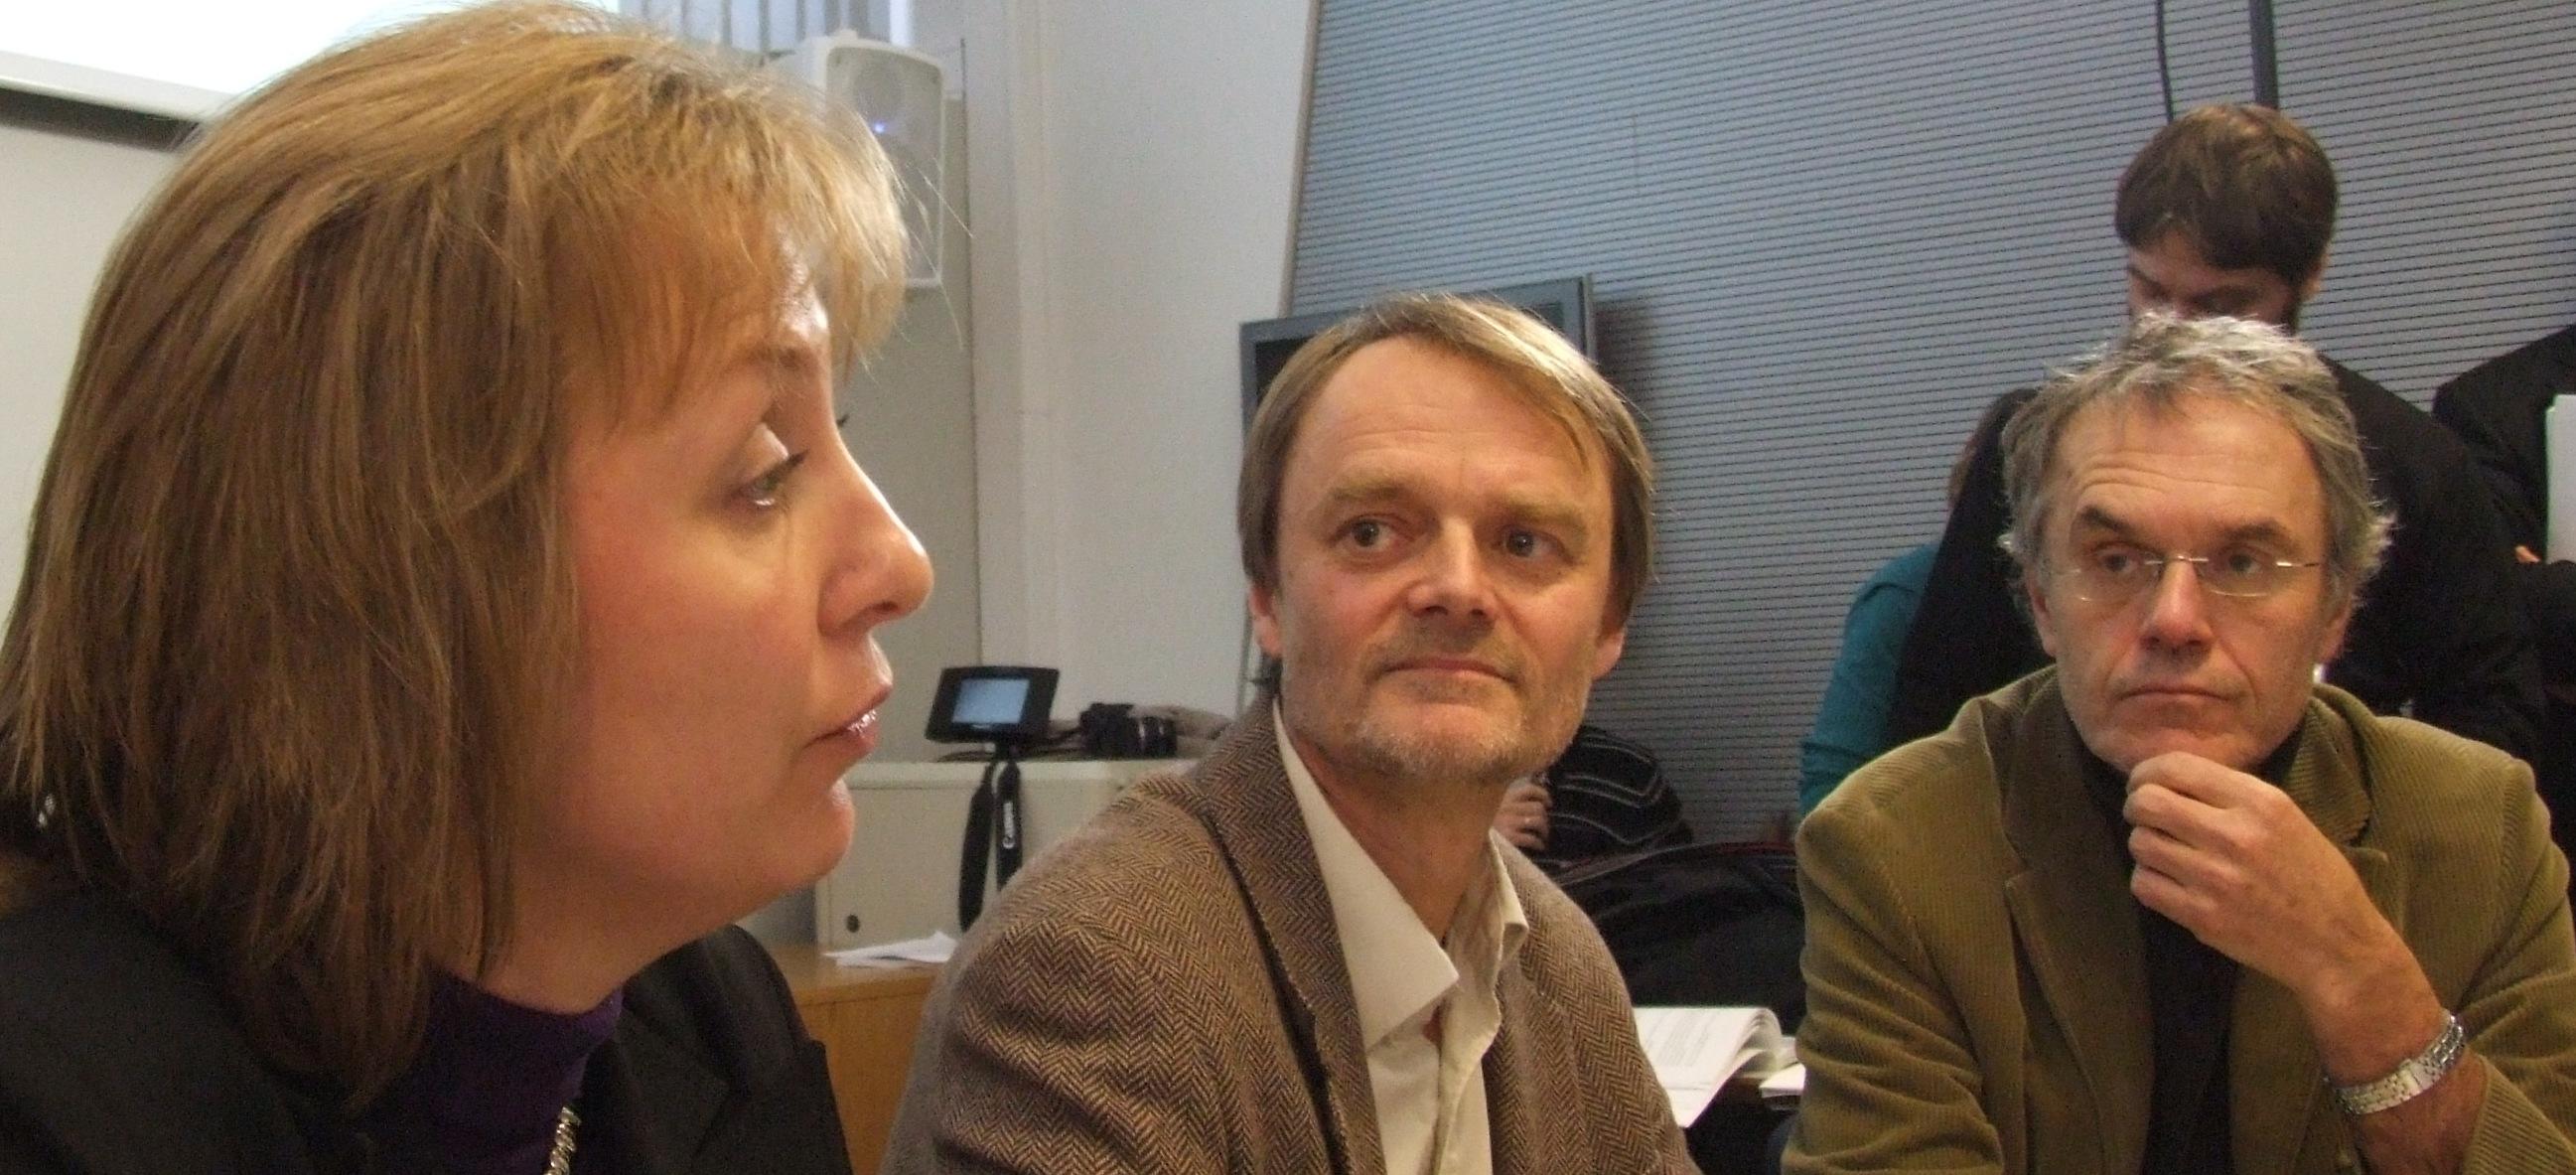 Partiell sjukskrivning ska få ned sjukfrånvaron i Norge